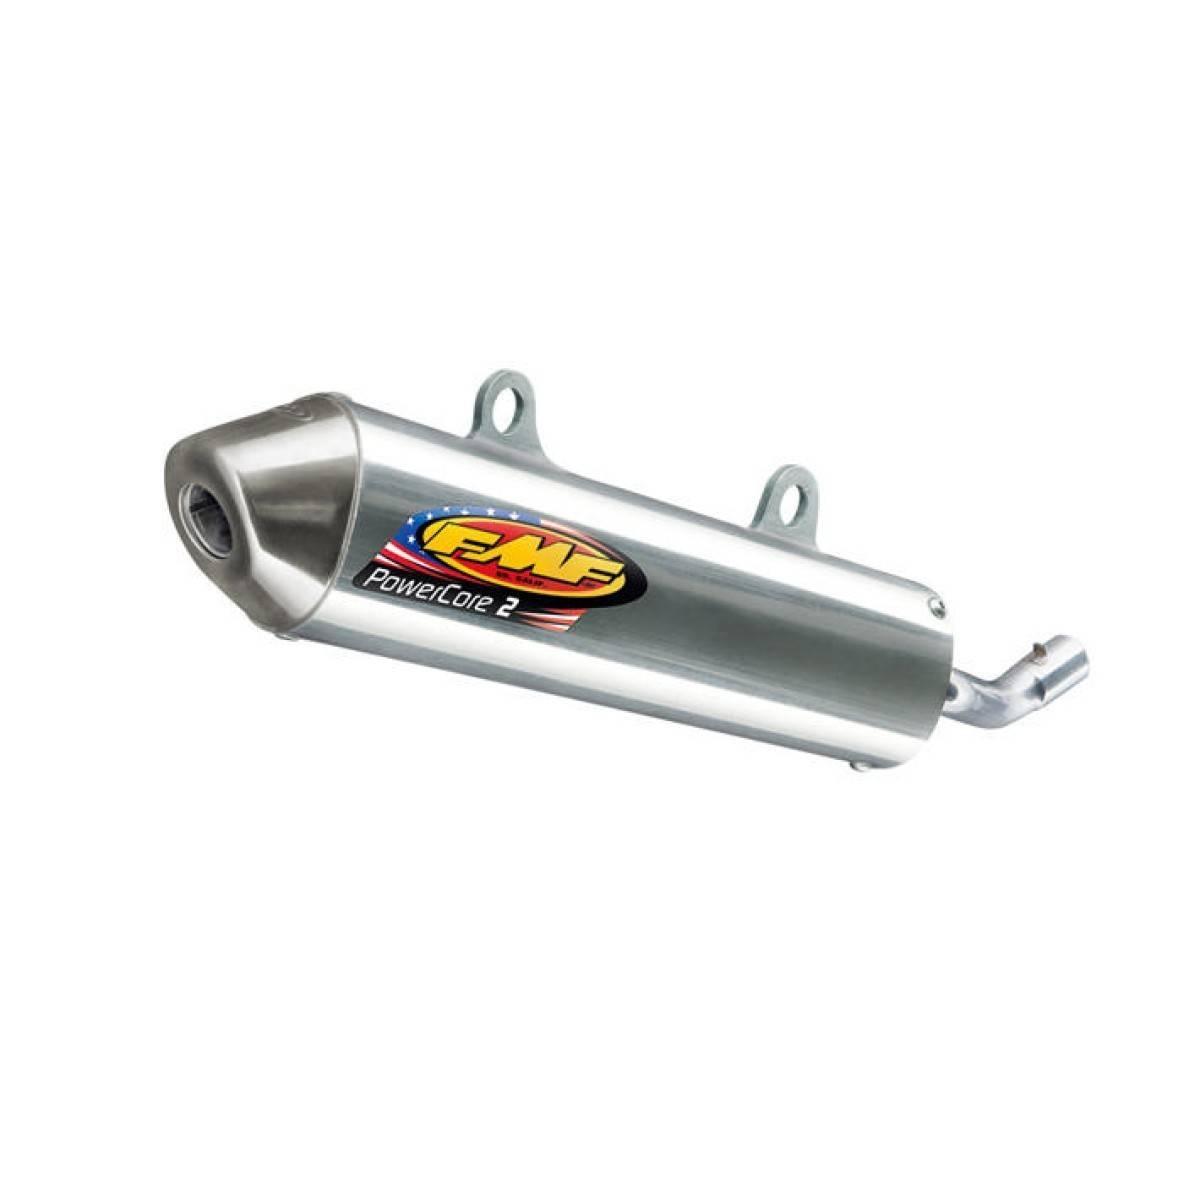 020189 - Silenciador Fmf Powercore 2 Aluminio Ktm